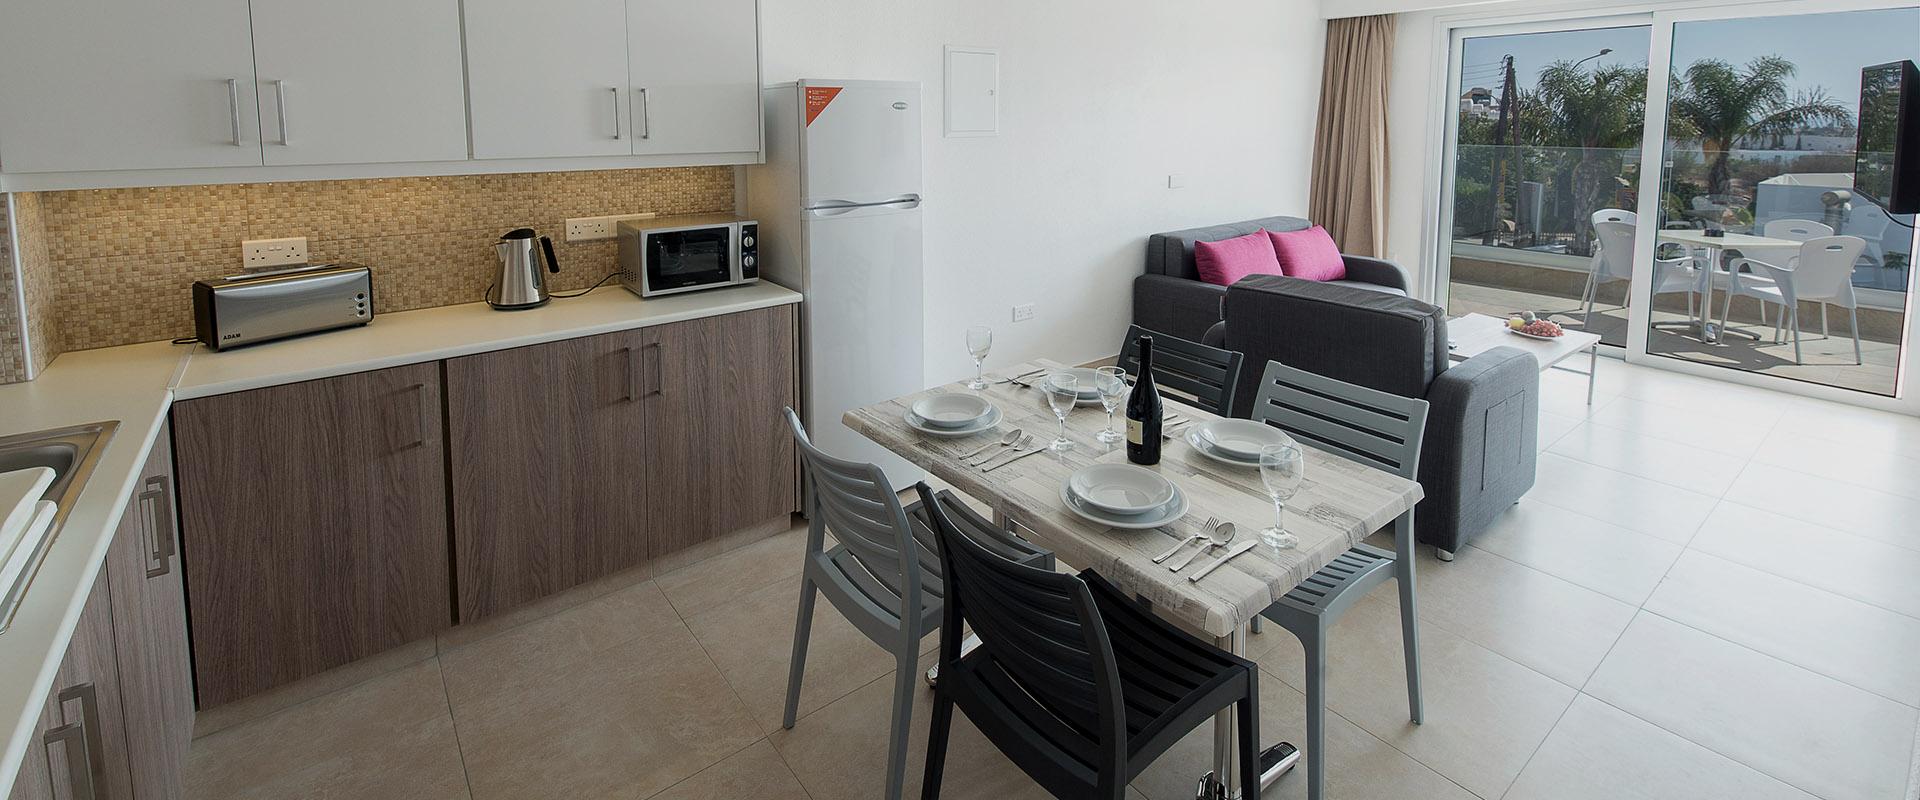 ayia napa apartments - La Casa Di Napa